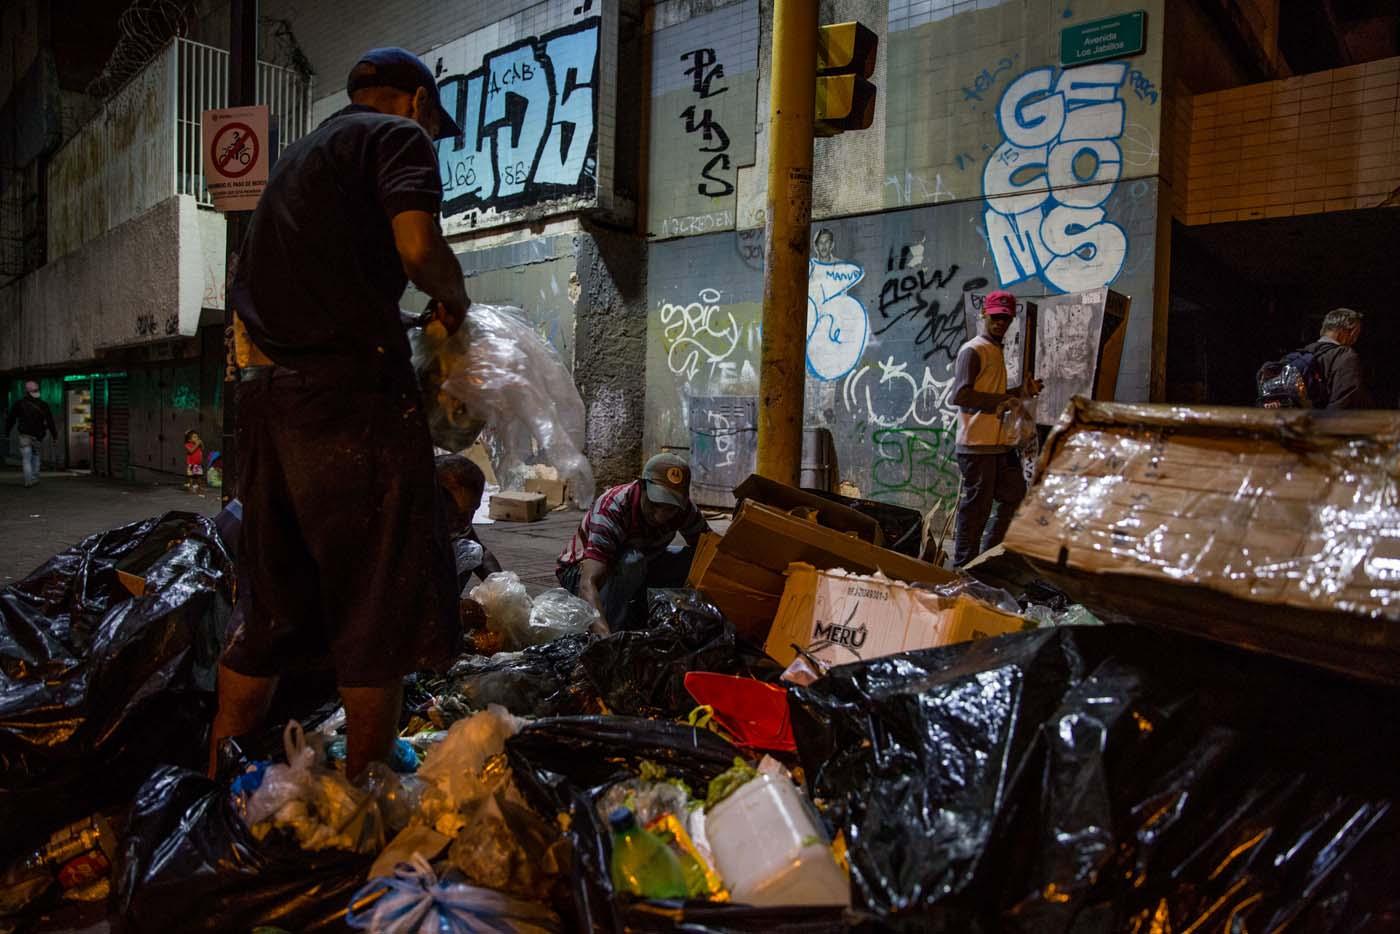 ACOMPAÑA CRÓNICA: VENEZUELA CRISIS. CAR10. CARACAS (VENEZUELA), 31/12/2016.- Varias personas buscan comida entre bolsas de basura este jueves, 31 de diciembre de 2016, en Caracas (Venezuela). La profunda crisis que aqueja a Venezuela trajo como consecuencia escasez y hambre, lo que a su vez ha llevado a familias enteras a buscar restos de alimentos en los basureros y, muchas veces, a pelear con otras personas sin recursos, por un desecho comestible o algún material reciclable que se pueda vender. EFE/Miguel Gutiérrez